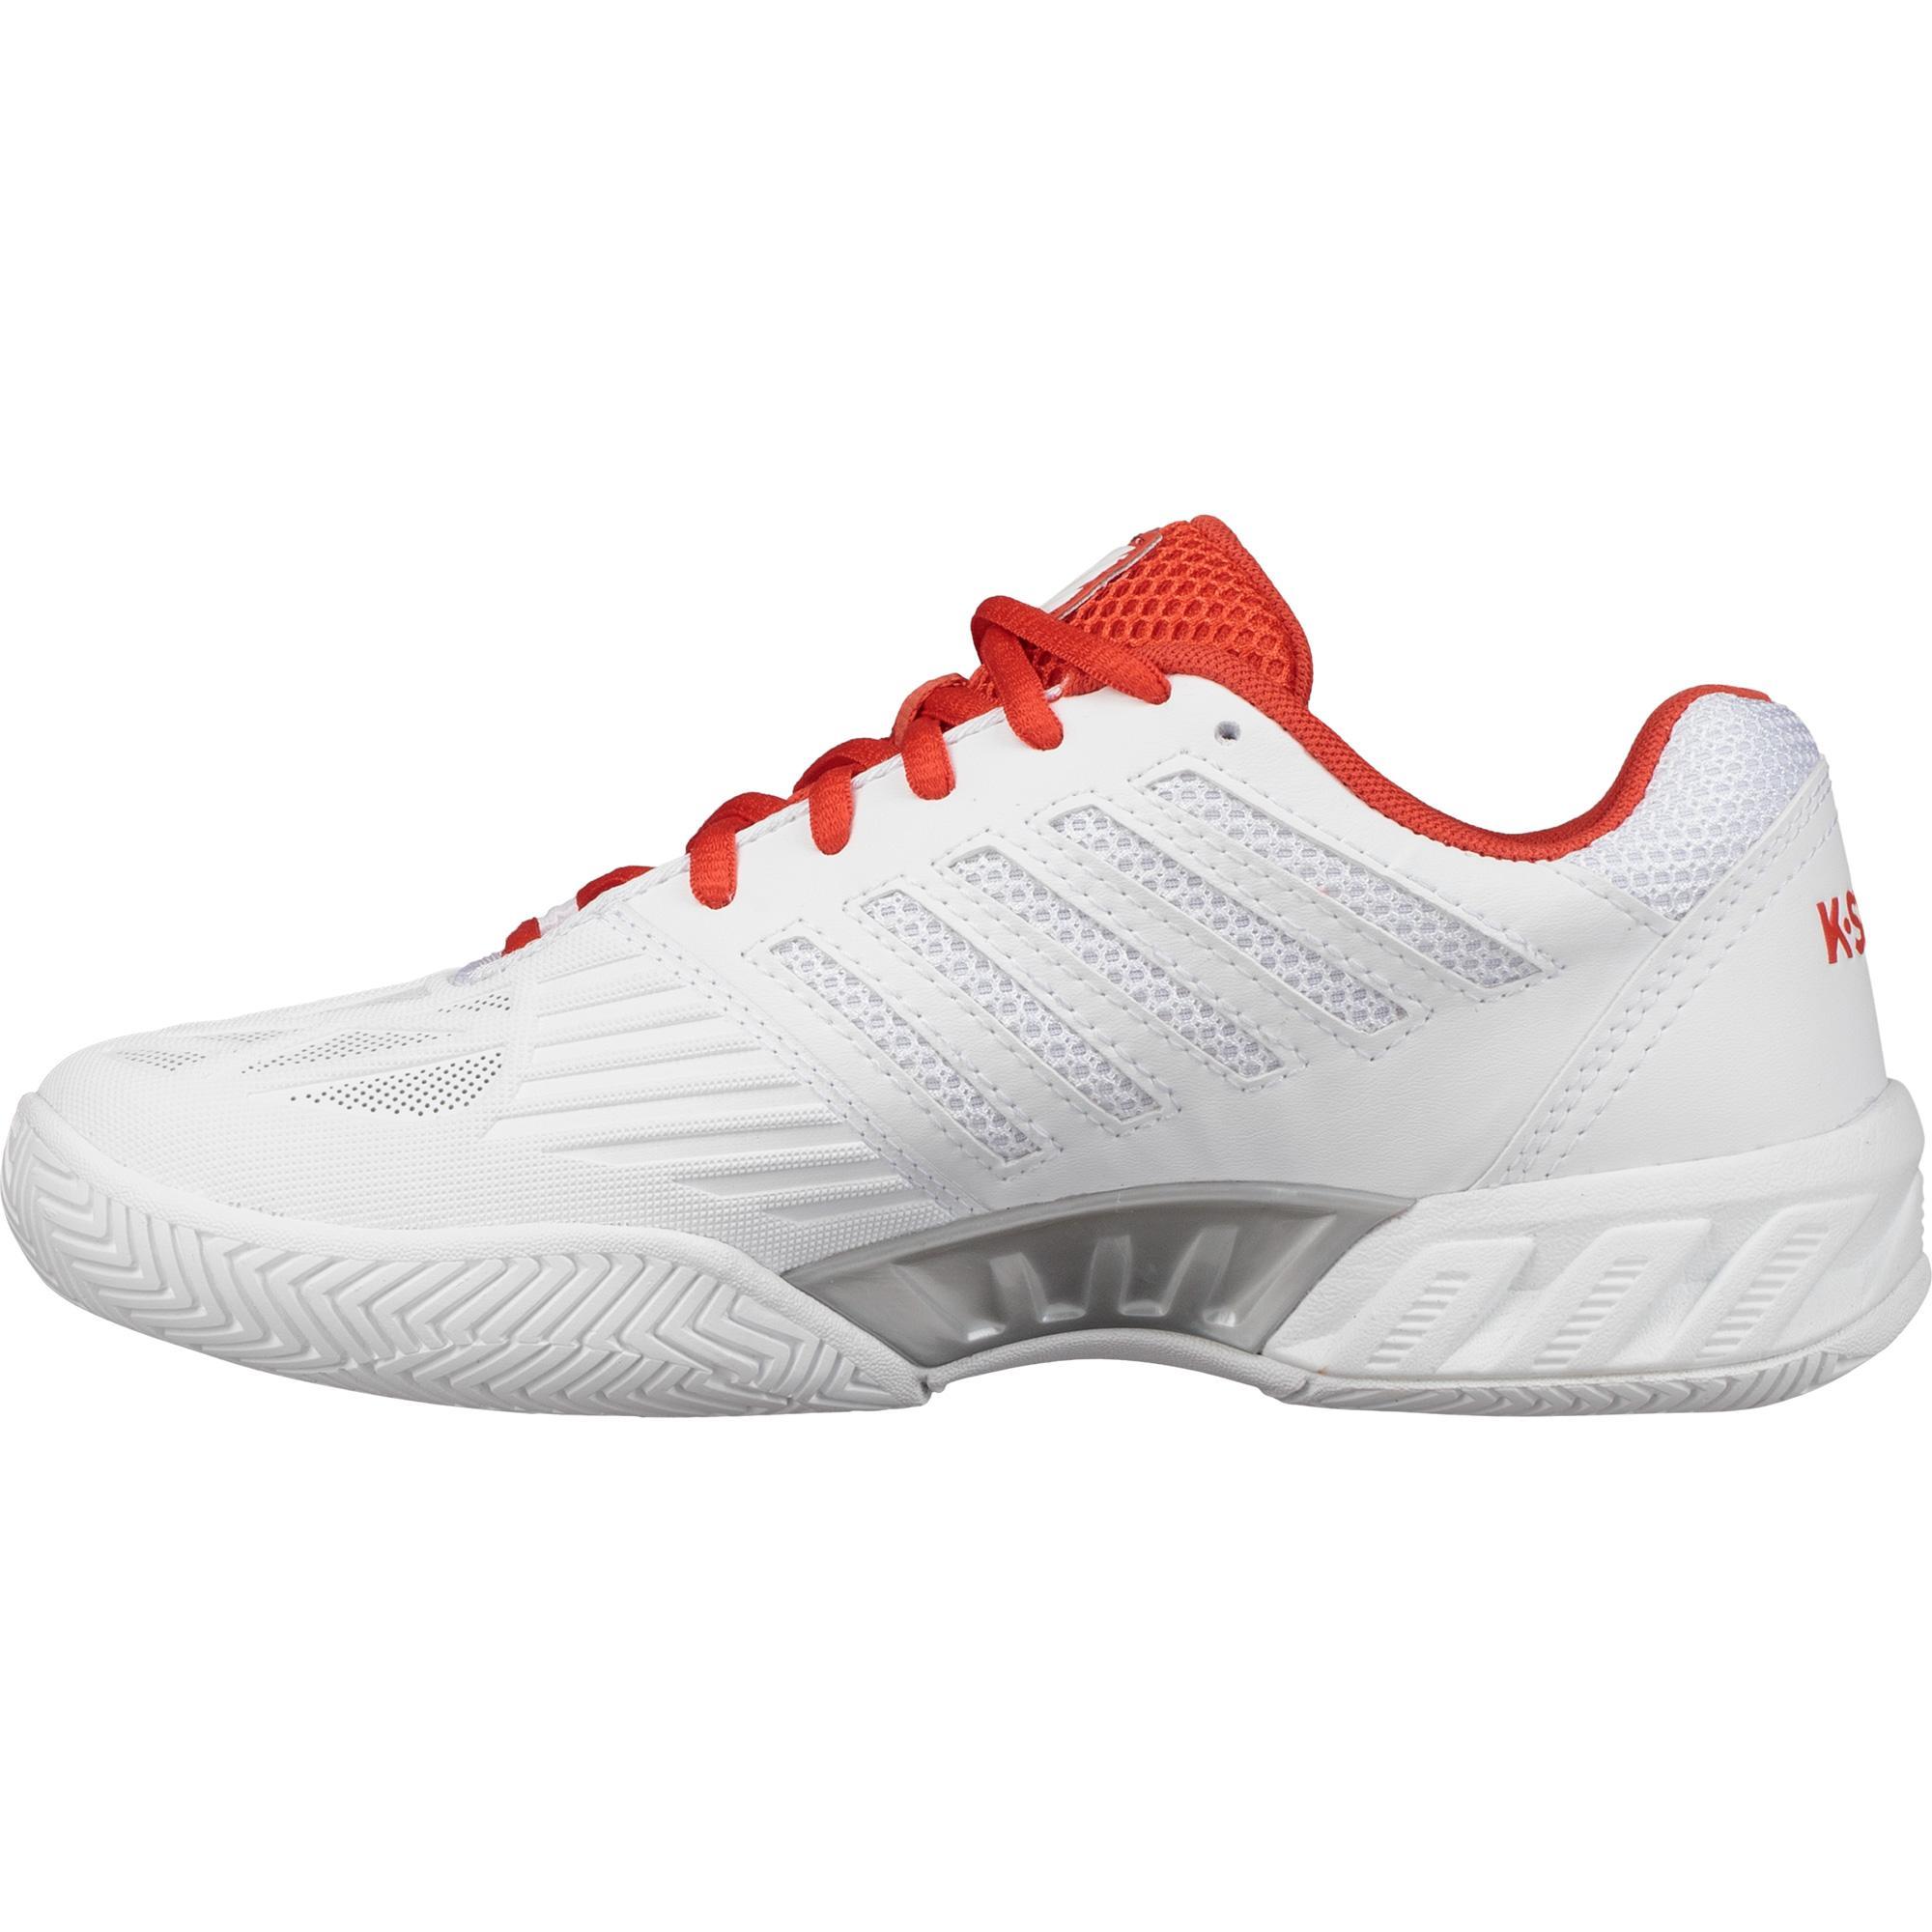 best website 6f7b5 19a98 K-Swiss Womens BigShot Light 3.0 Tennis Shoes - White Fiesta Silver